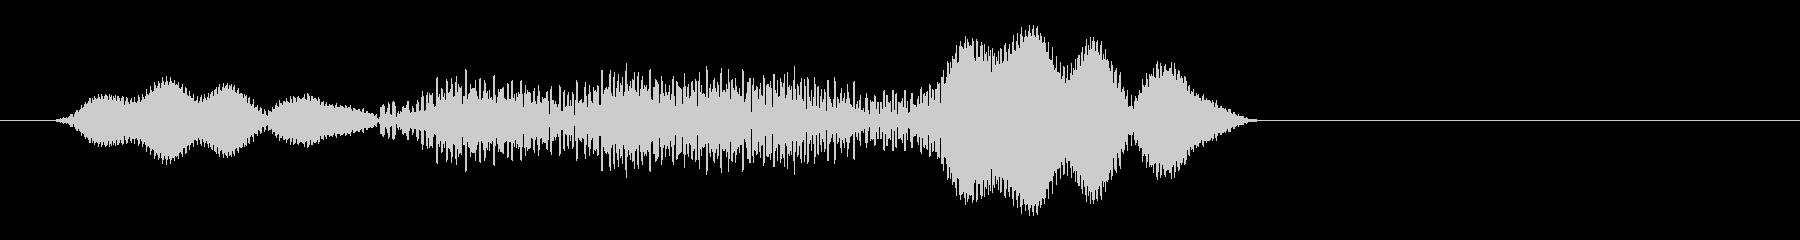 ピュイッ (決定音)の未再生の波形